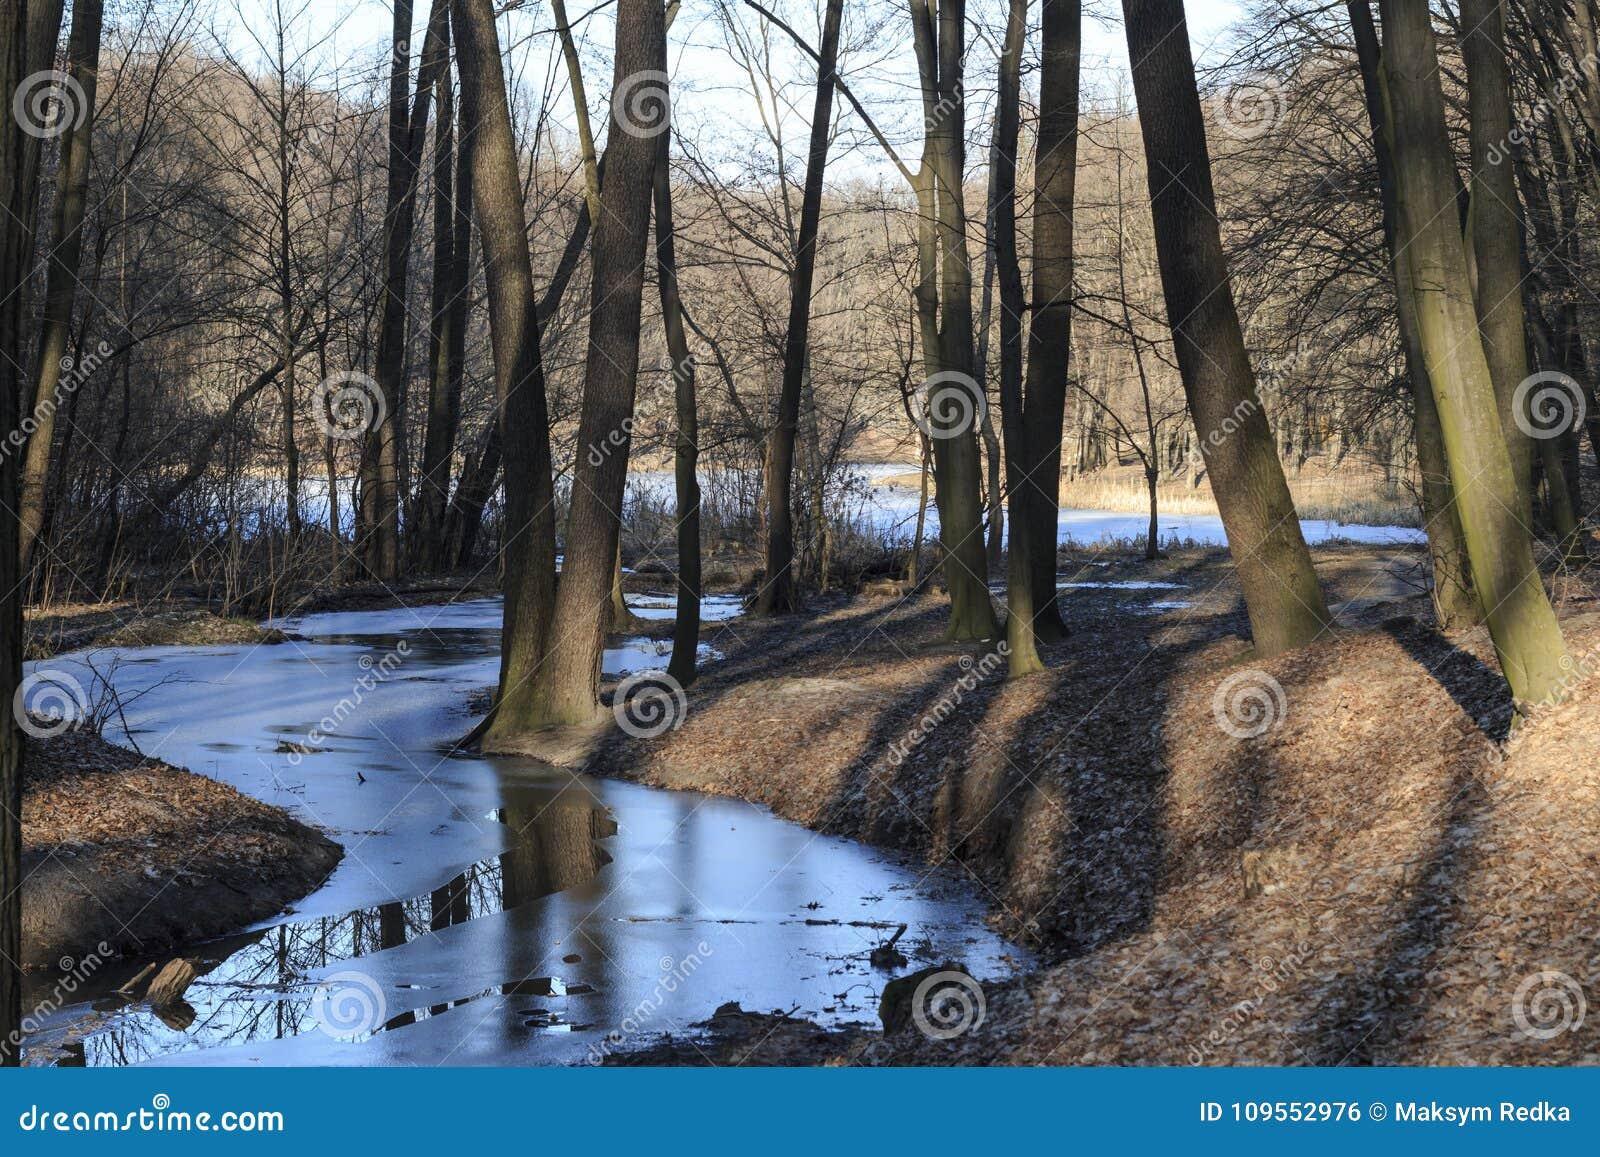 Frozen creek in a winter forest